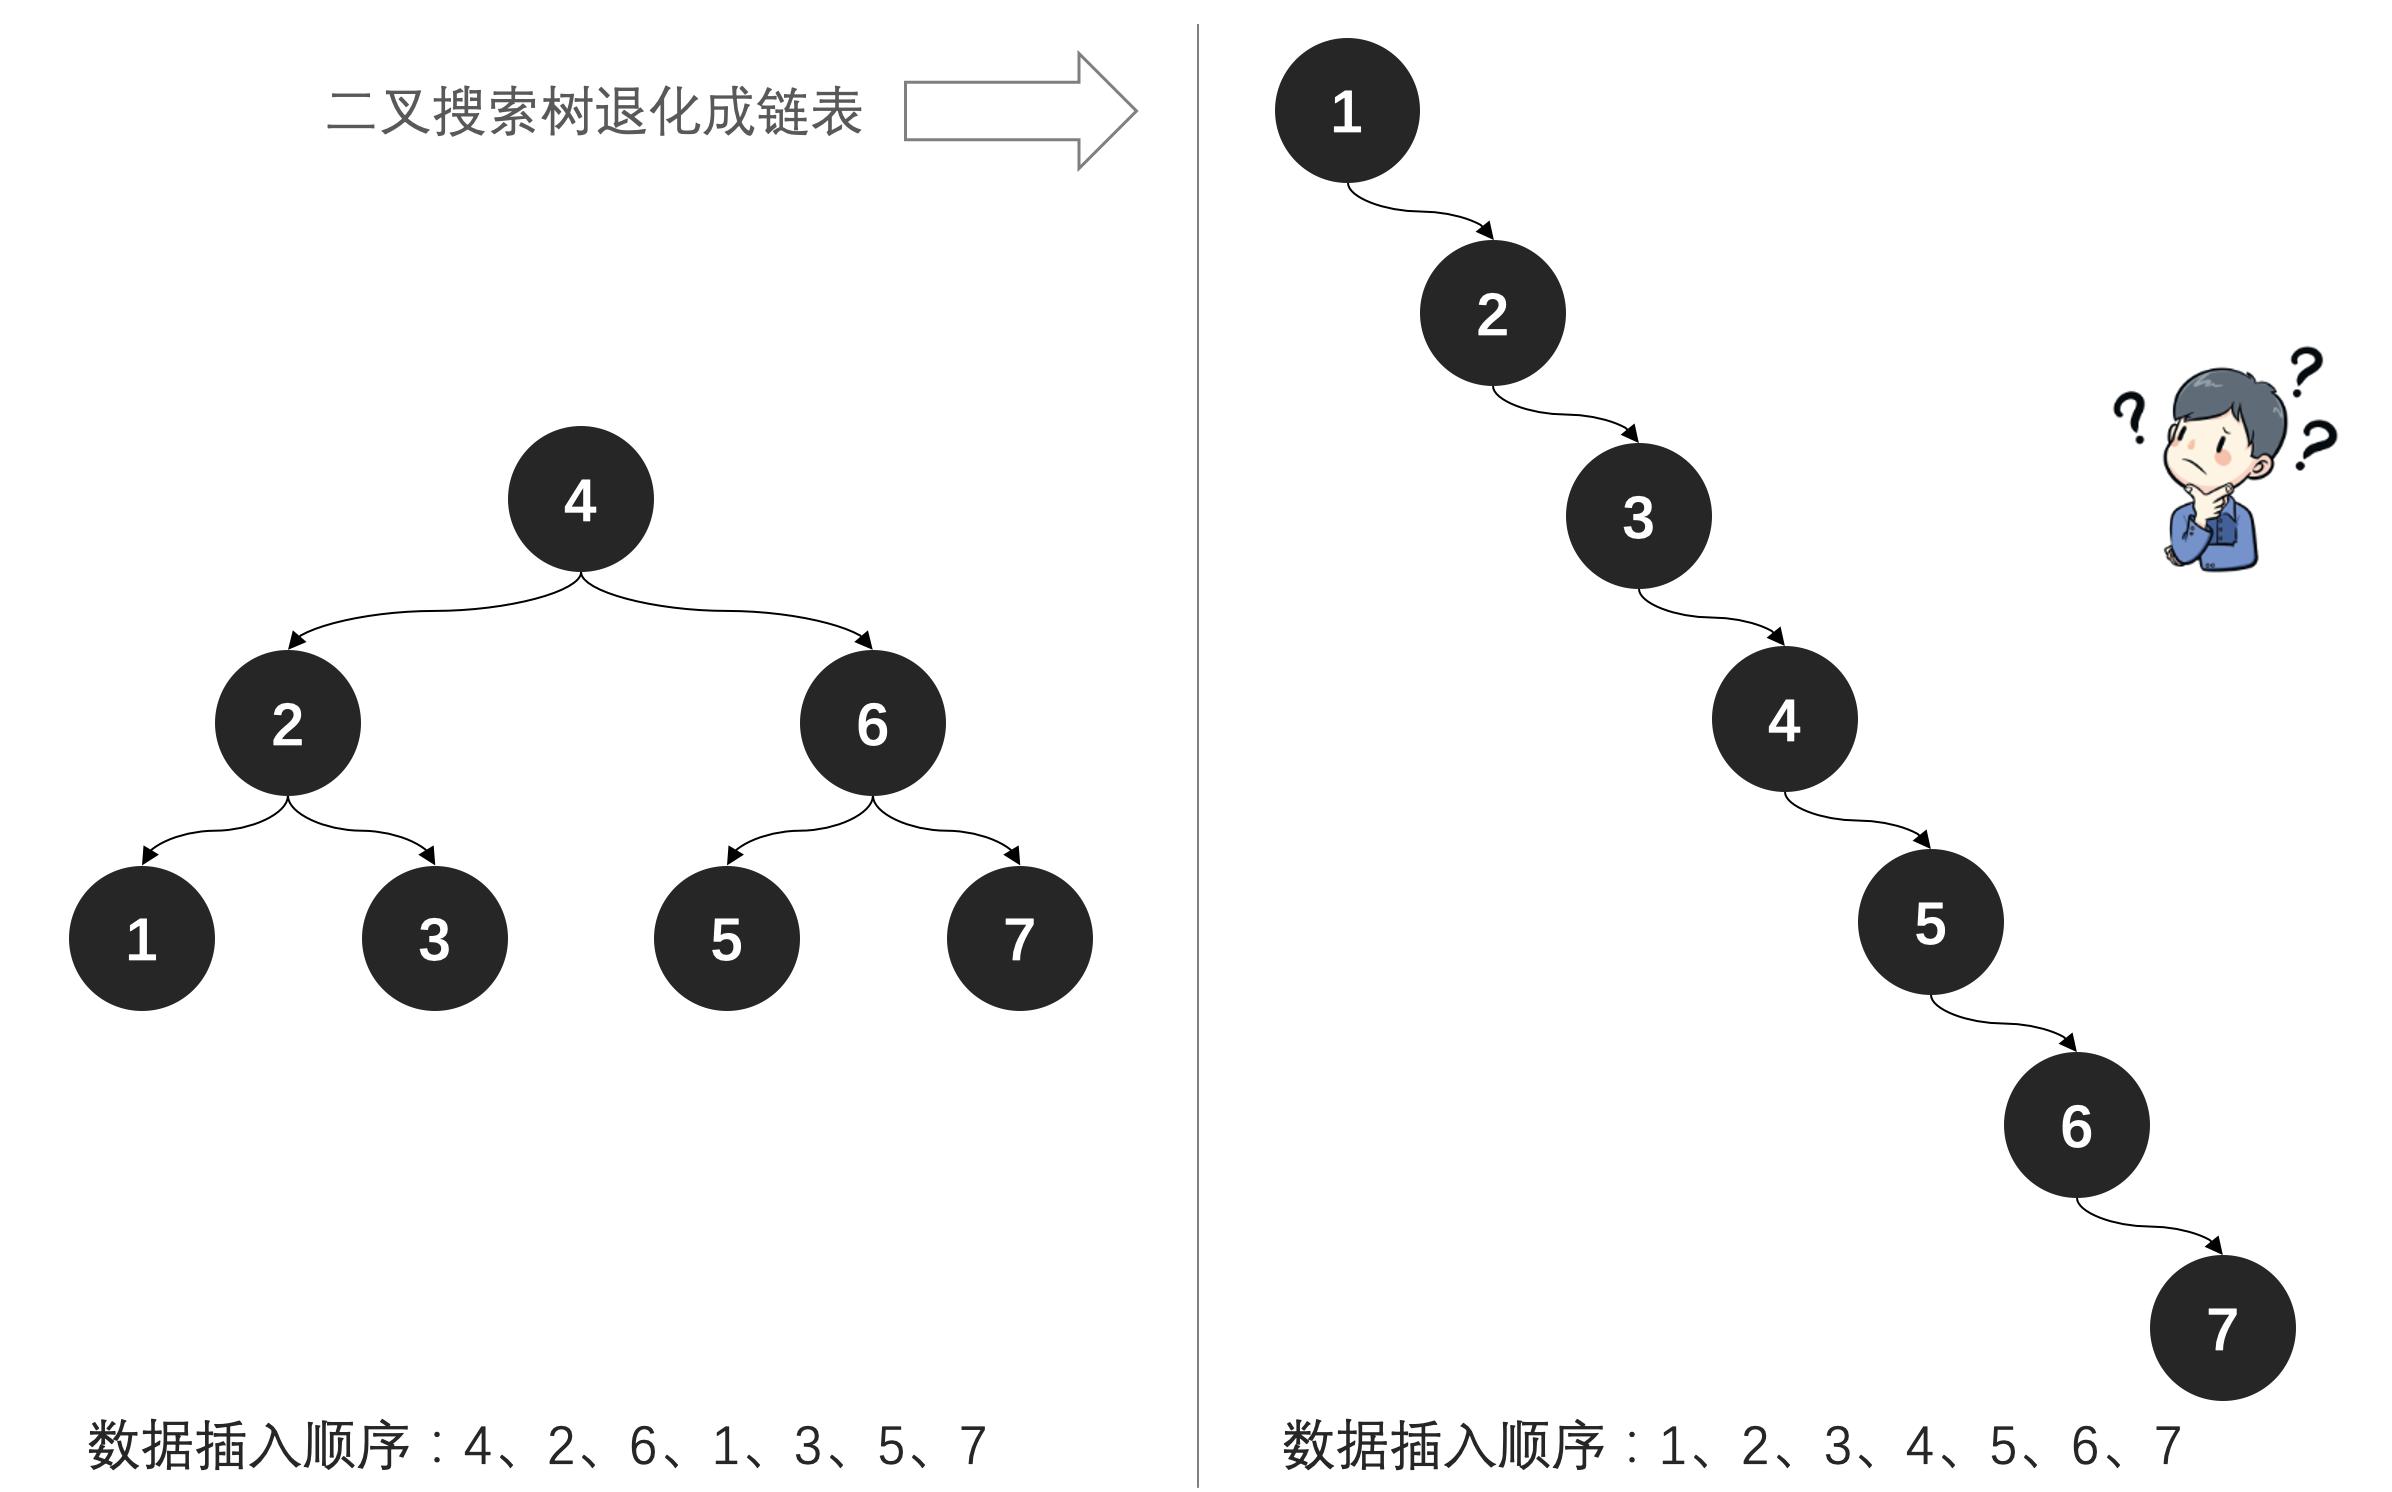 公众号:bugstack虫洞栈 & 二叉搜索树退化链表